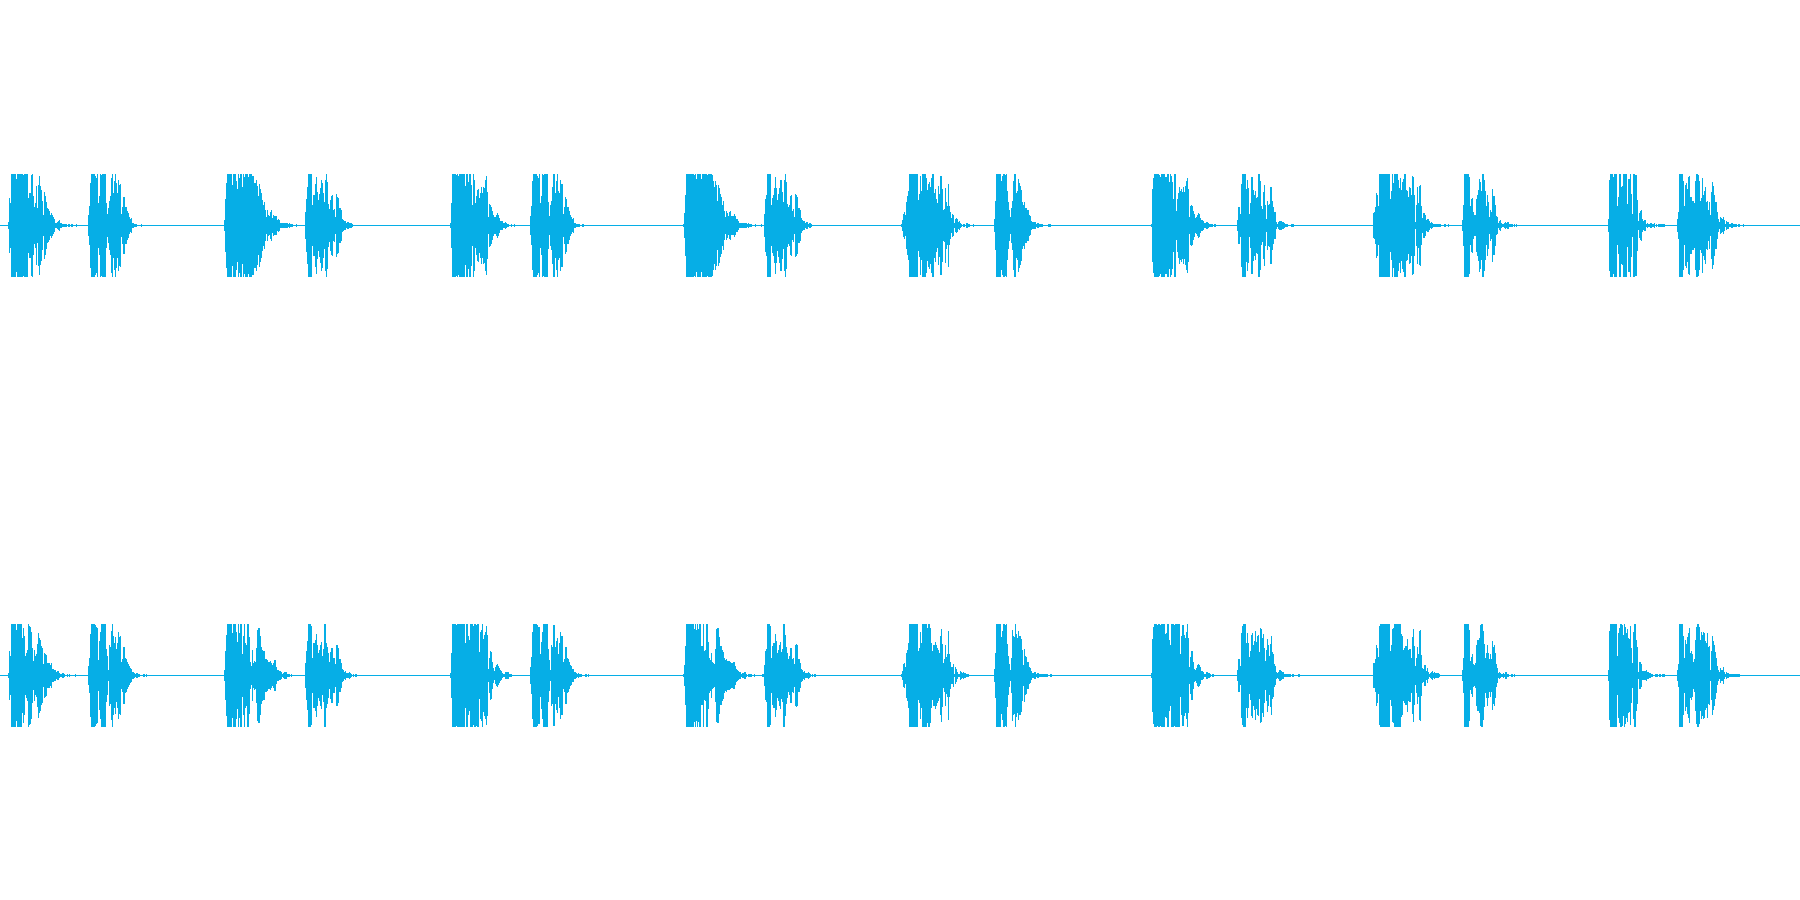 【心拍01-2L】の再生済みの波形